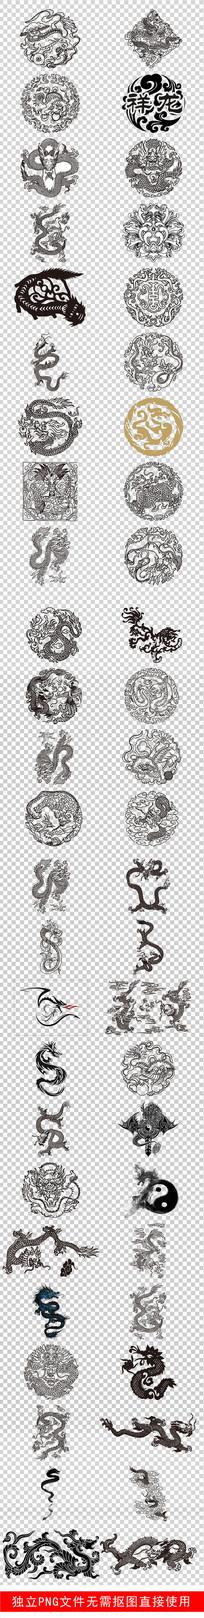 纹身图腾中国风古典黑色龙素材